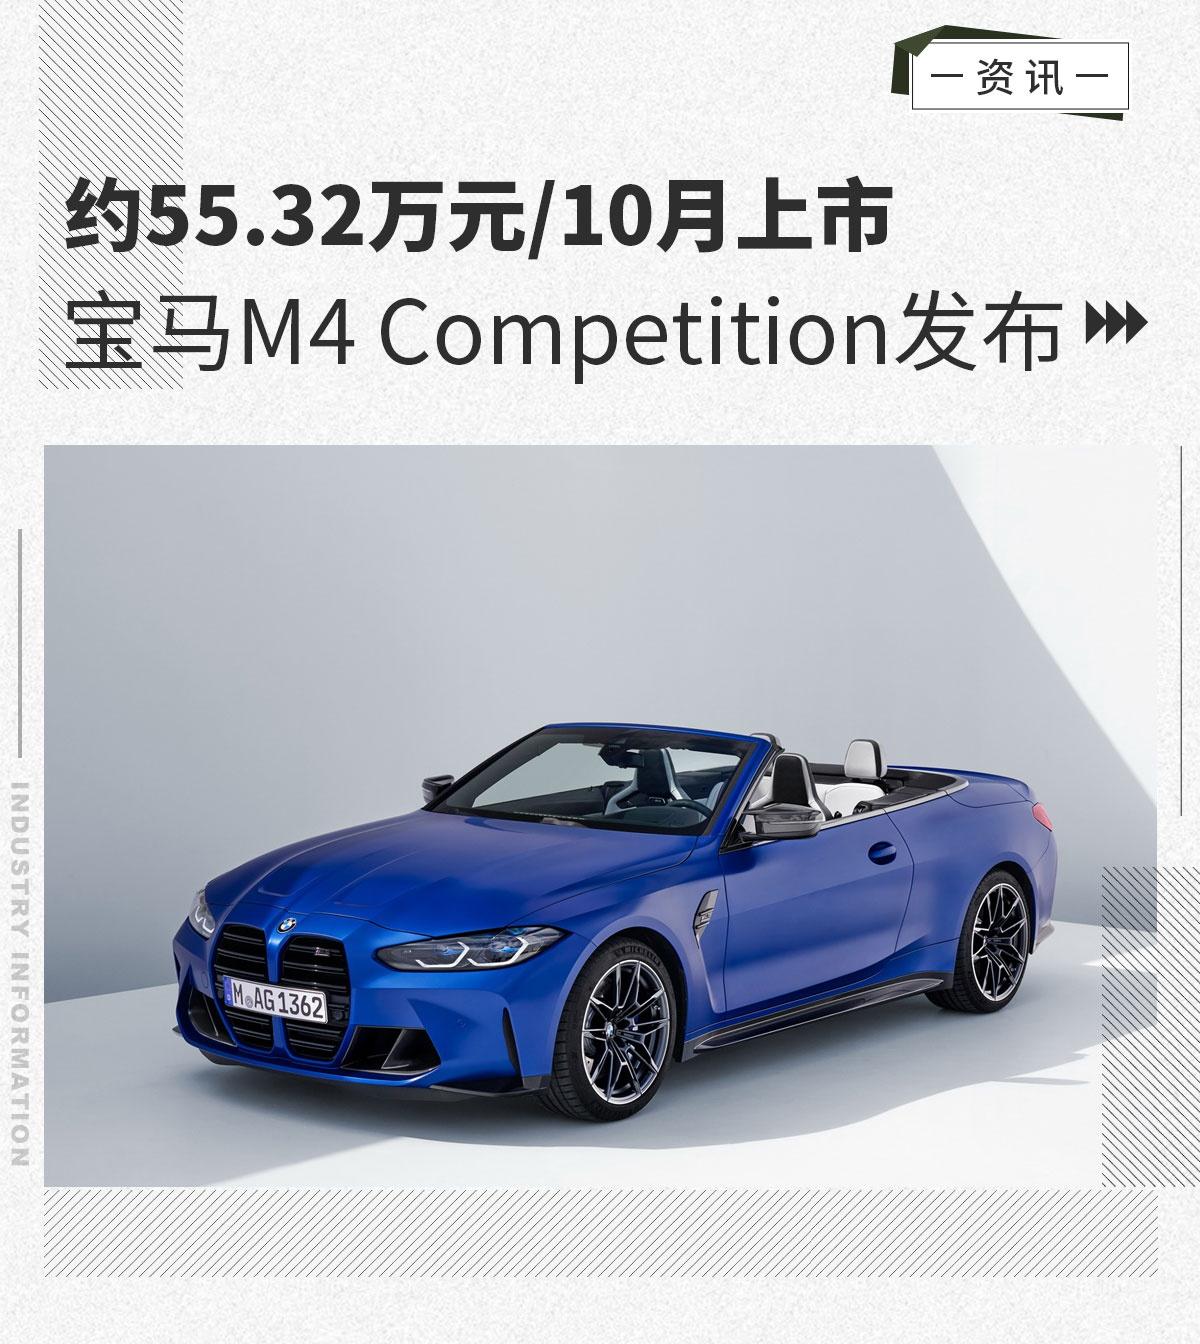 宝马M4 Competition发布 约55.32万元/10月上市